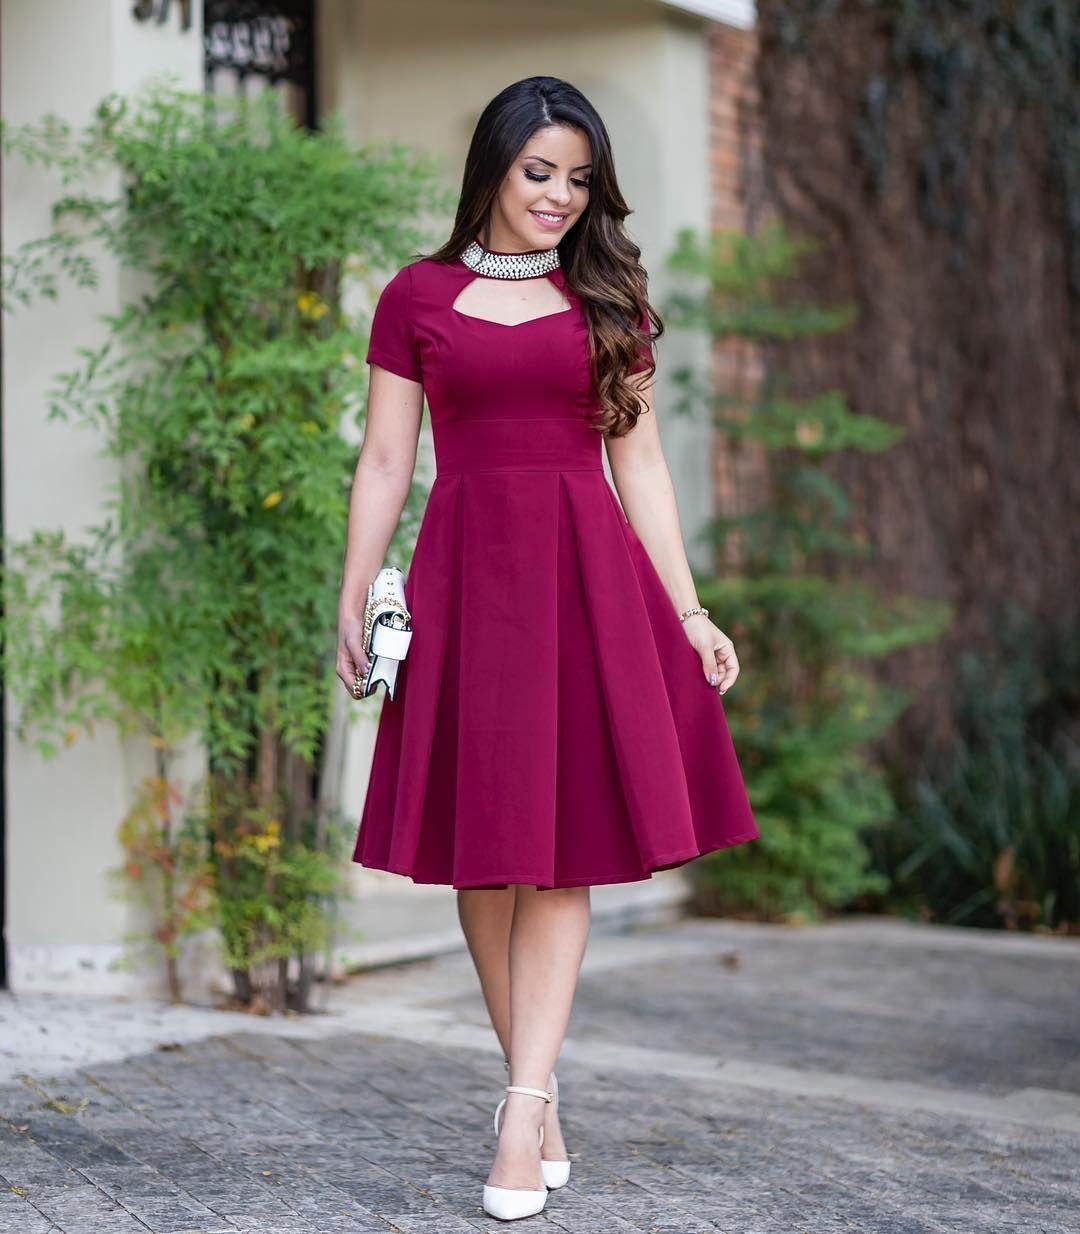 Princess com esse vestido lindo da @poppylook_modafeminina } Delicado,  lindo e muito feminino 😍 @poppylo…   Vestidos, Vestidos estilosos, Vestidos  curtos bonitos